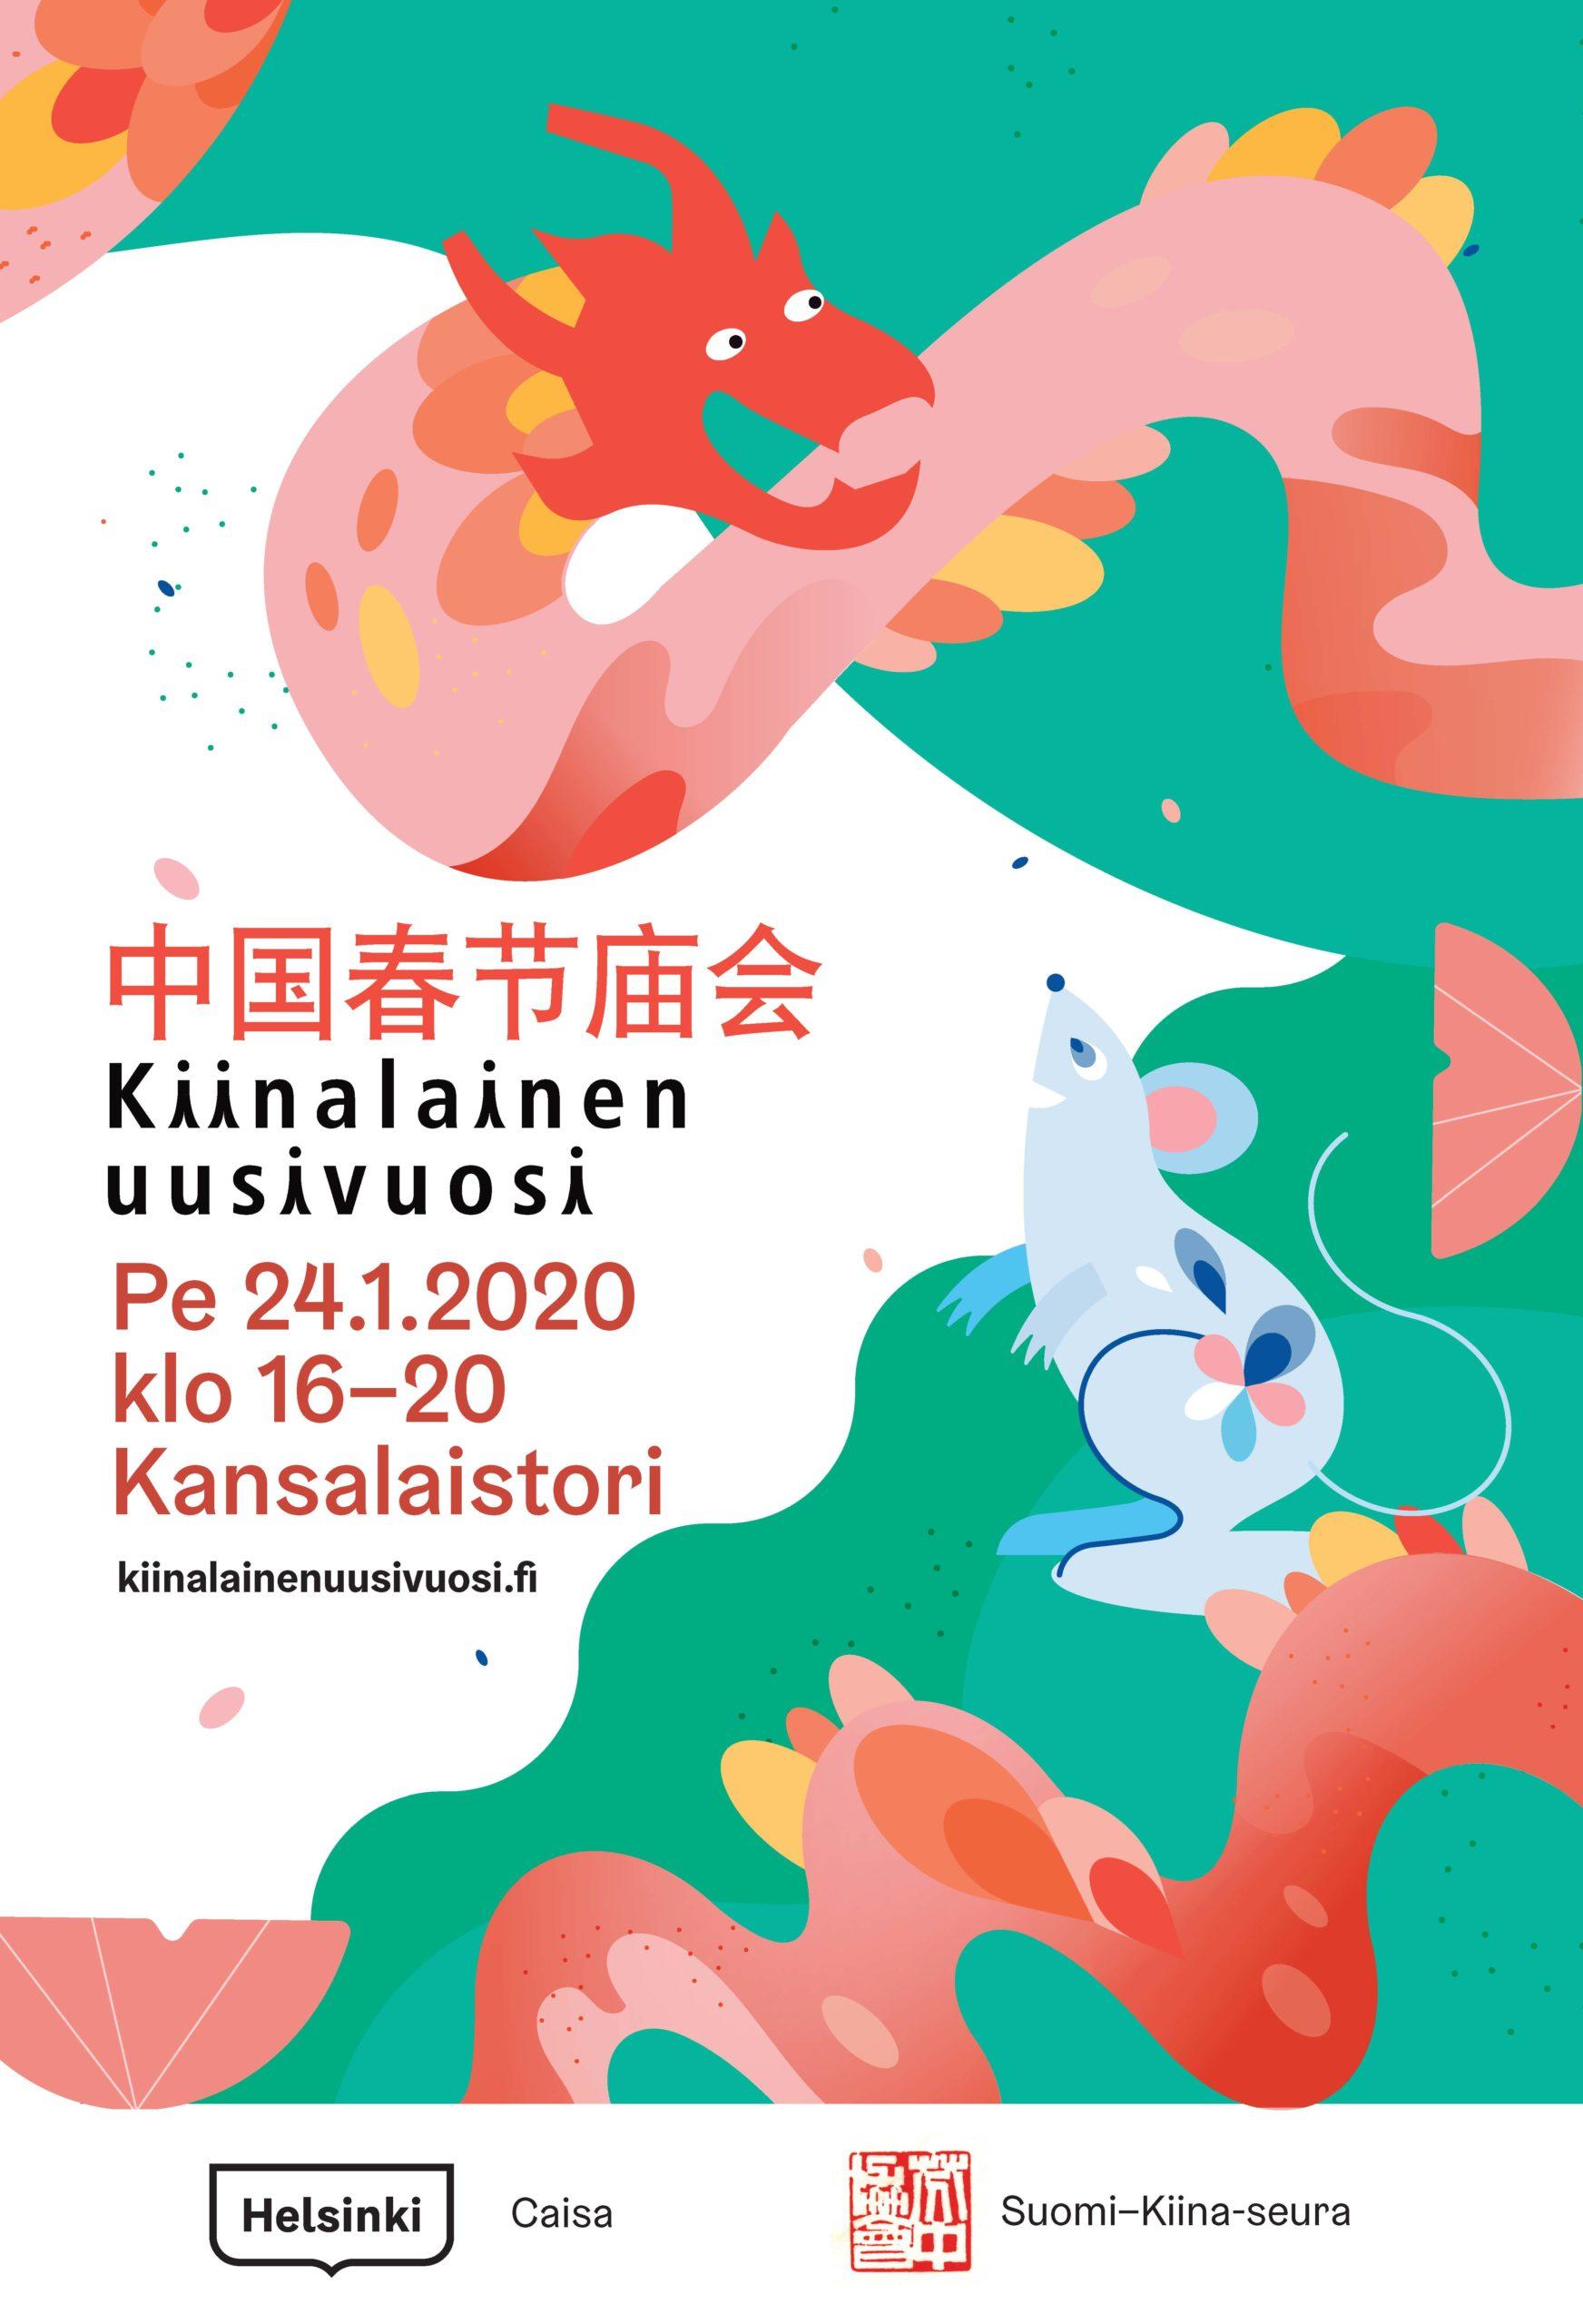 Kiinalaista uuttavuotta vietetään Kansalaistorilla 24.1.2020